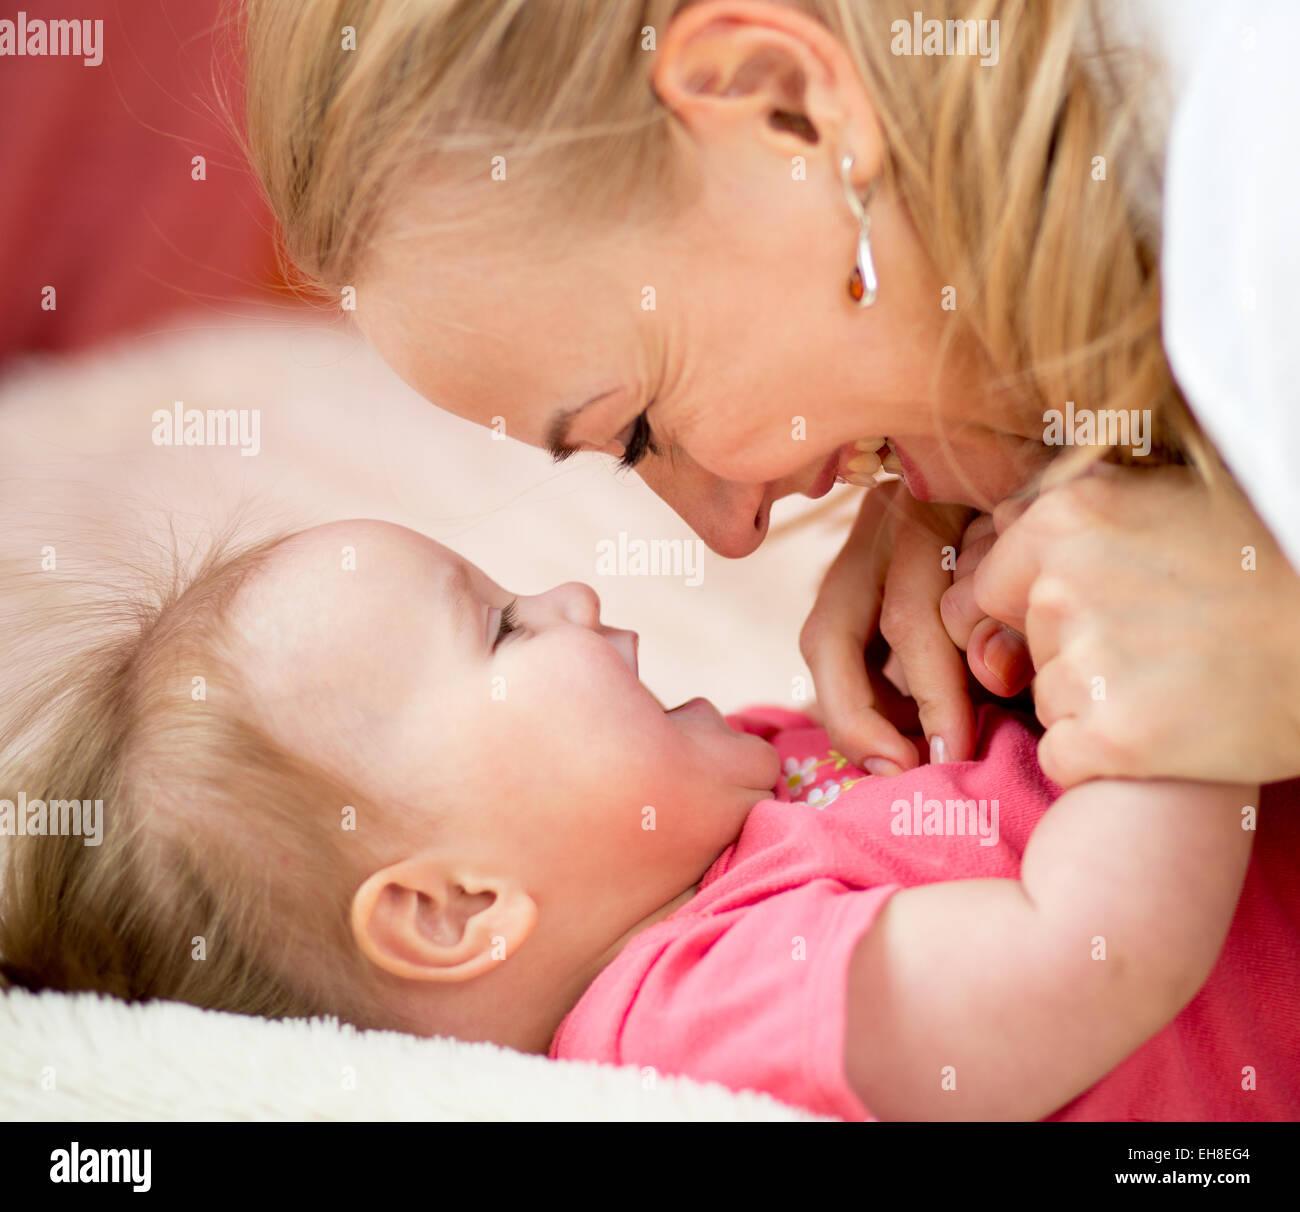 Mom guarda con amore al bambino. La genitorialità felicità concepimento. Immagini Stock